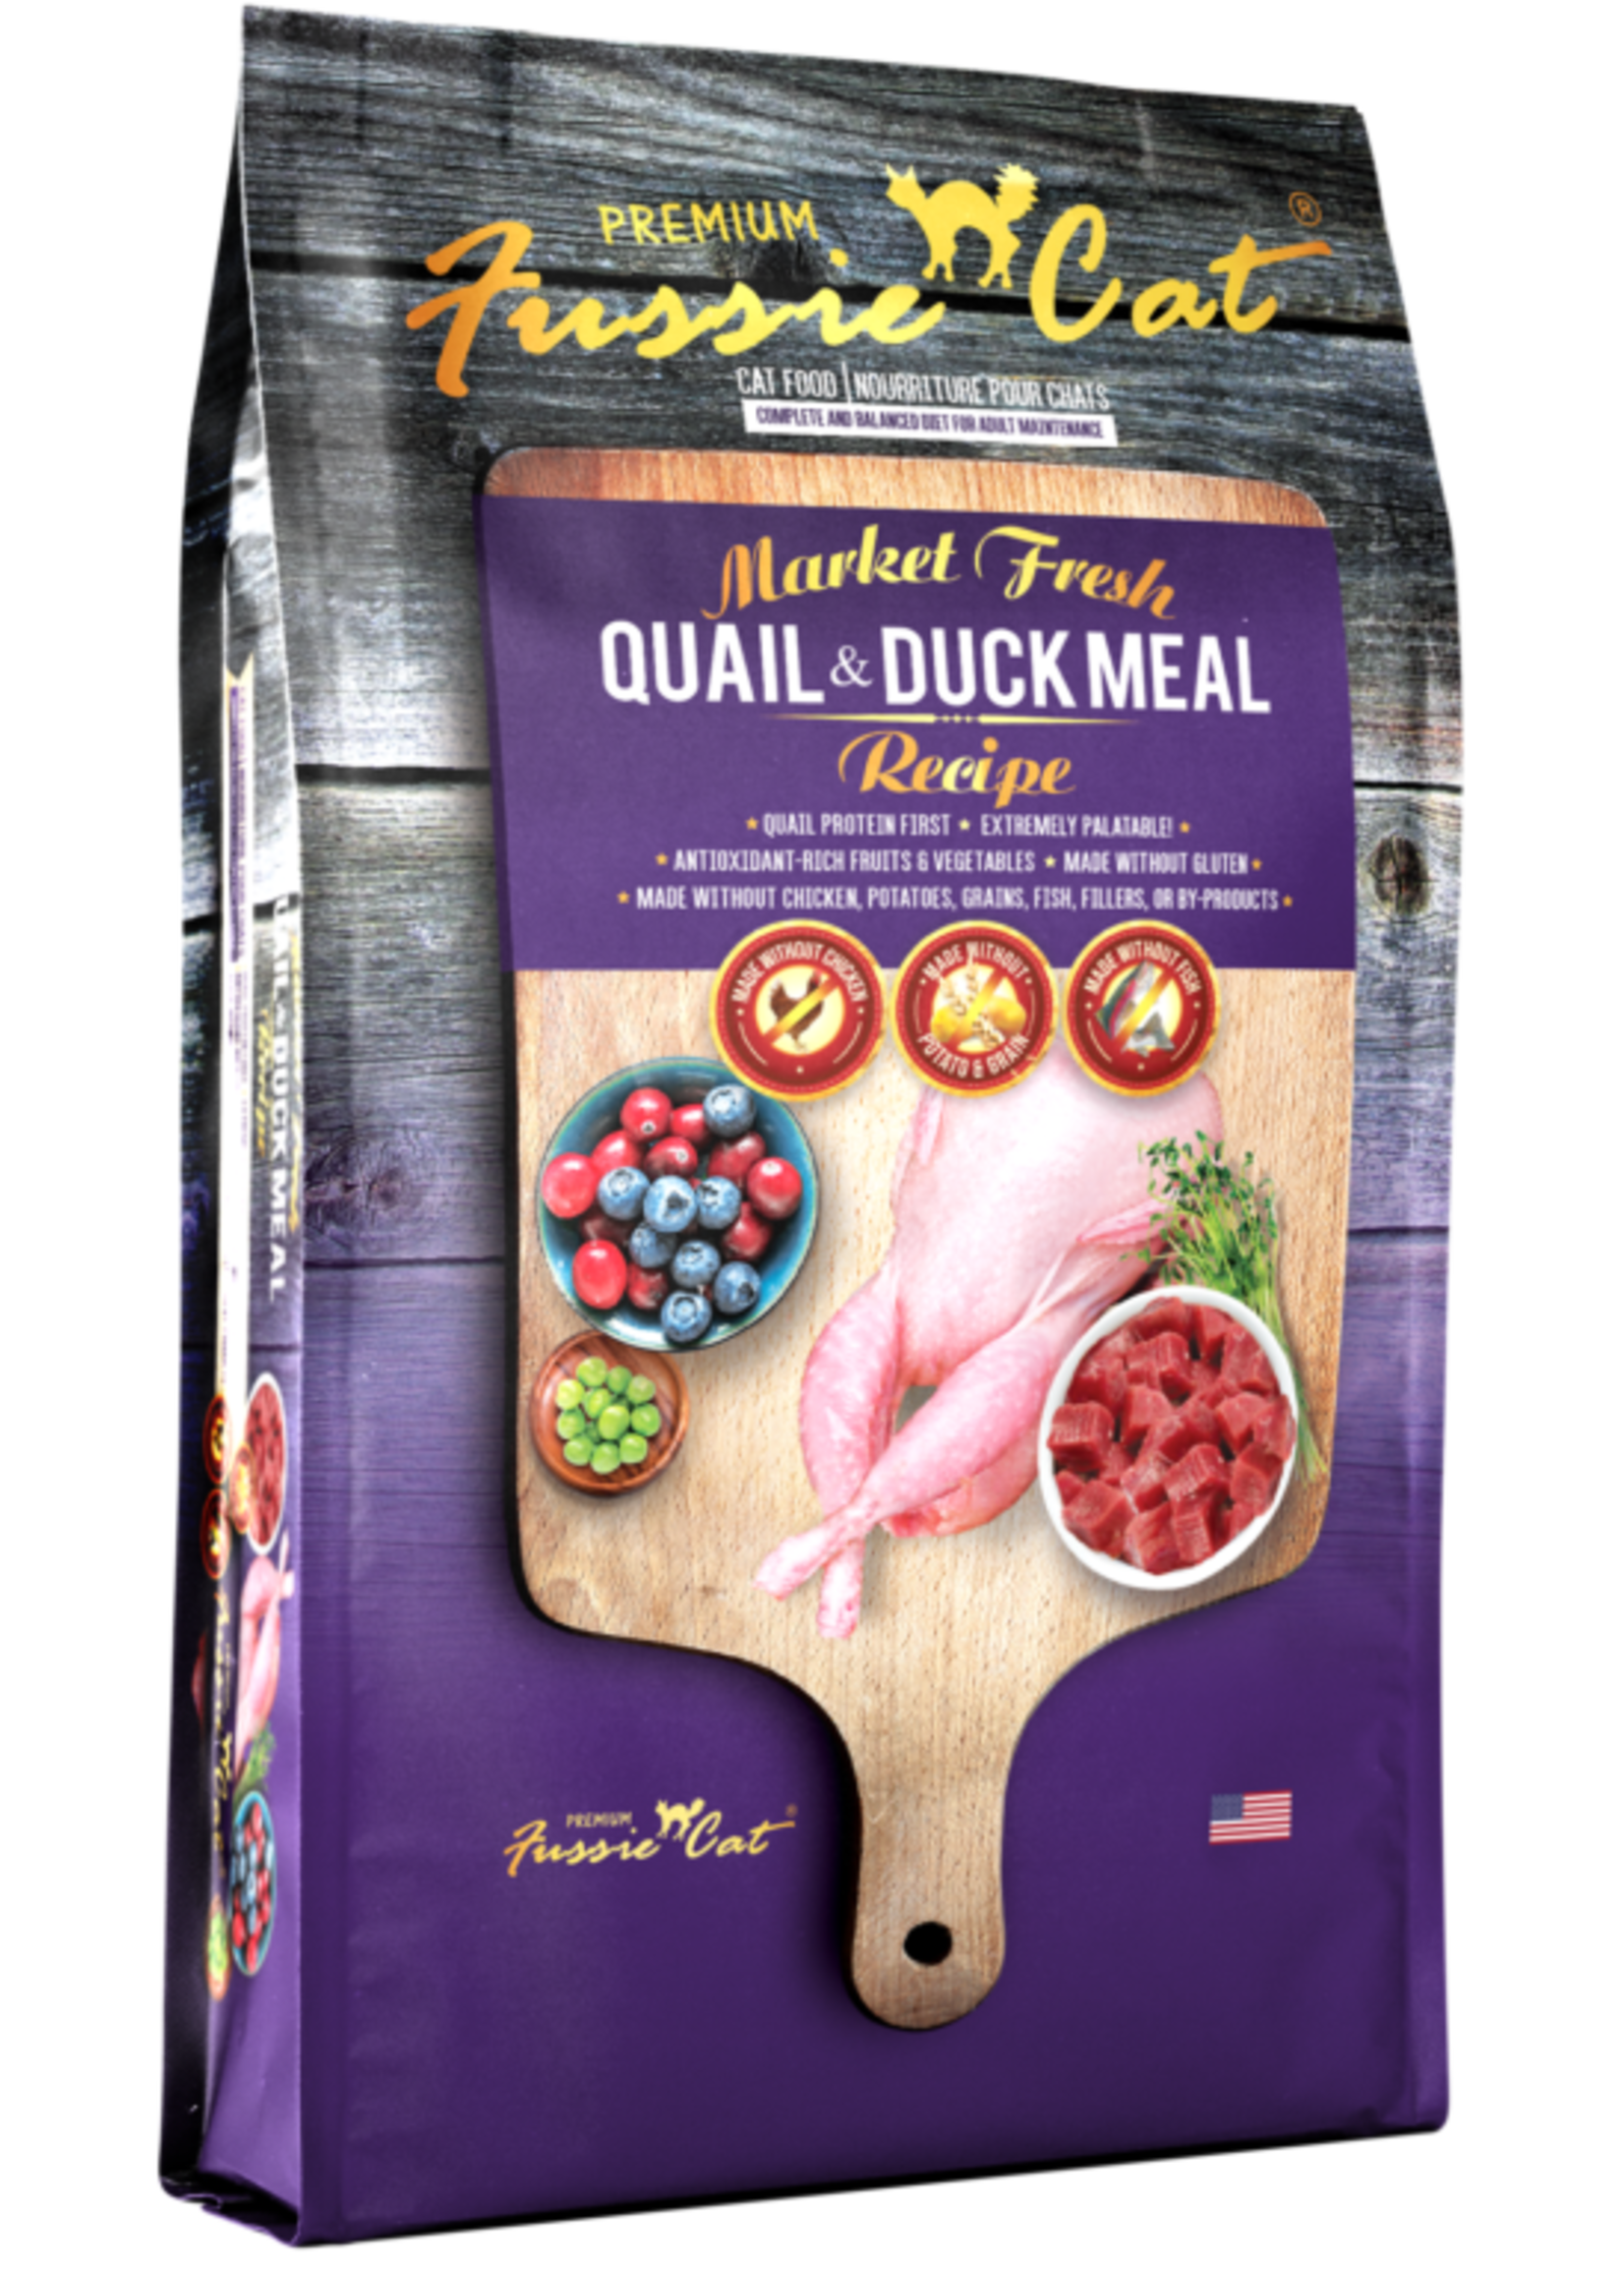 Fussie Cat® Fussie Cat Market Fresh Quail & Duck Meal Recipe